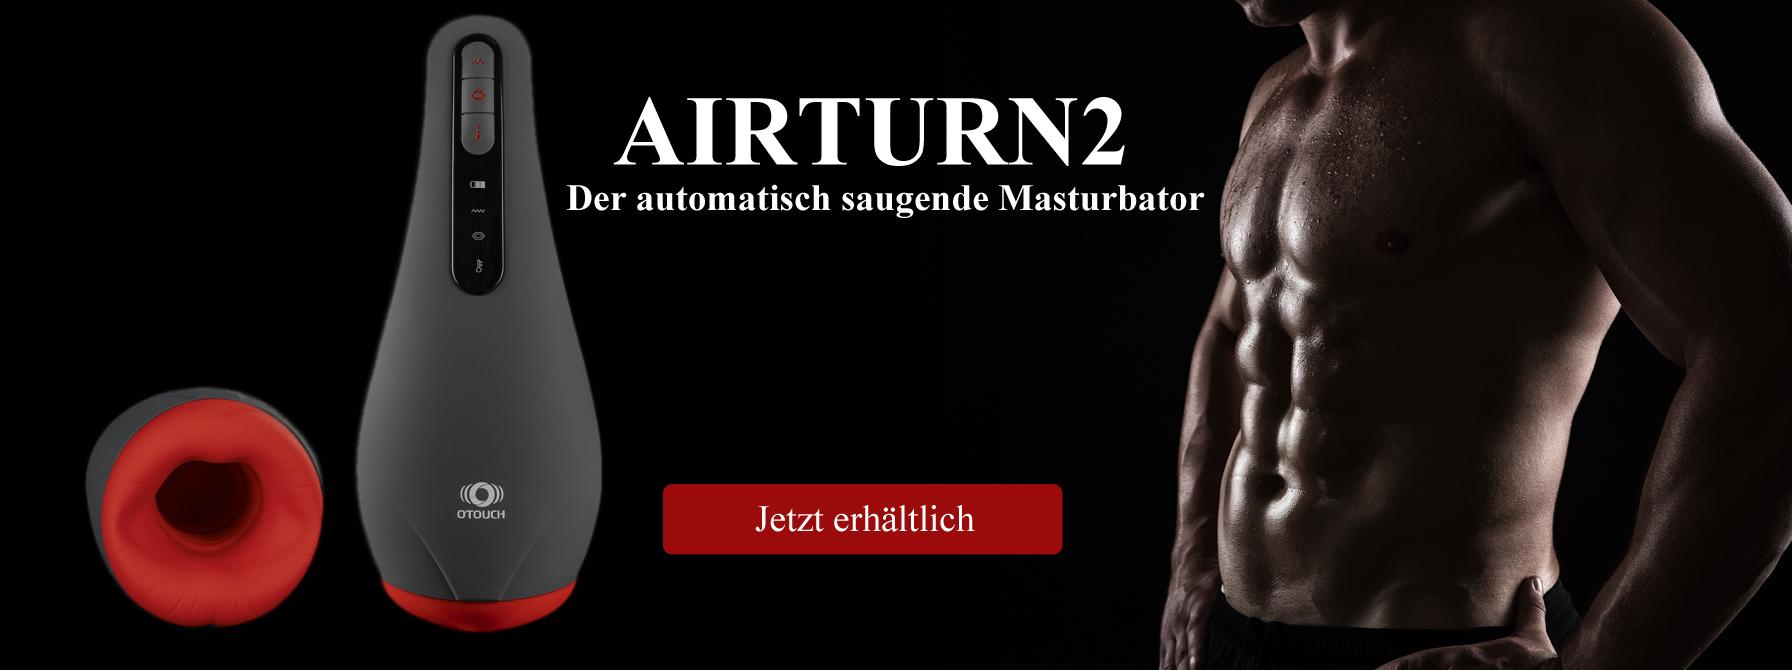 Airturn2 Masturbator - Online bestellen